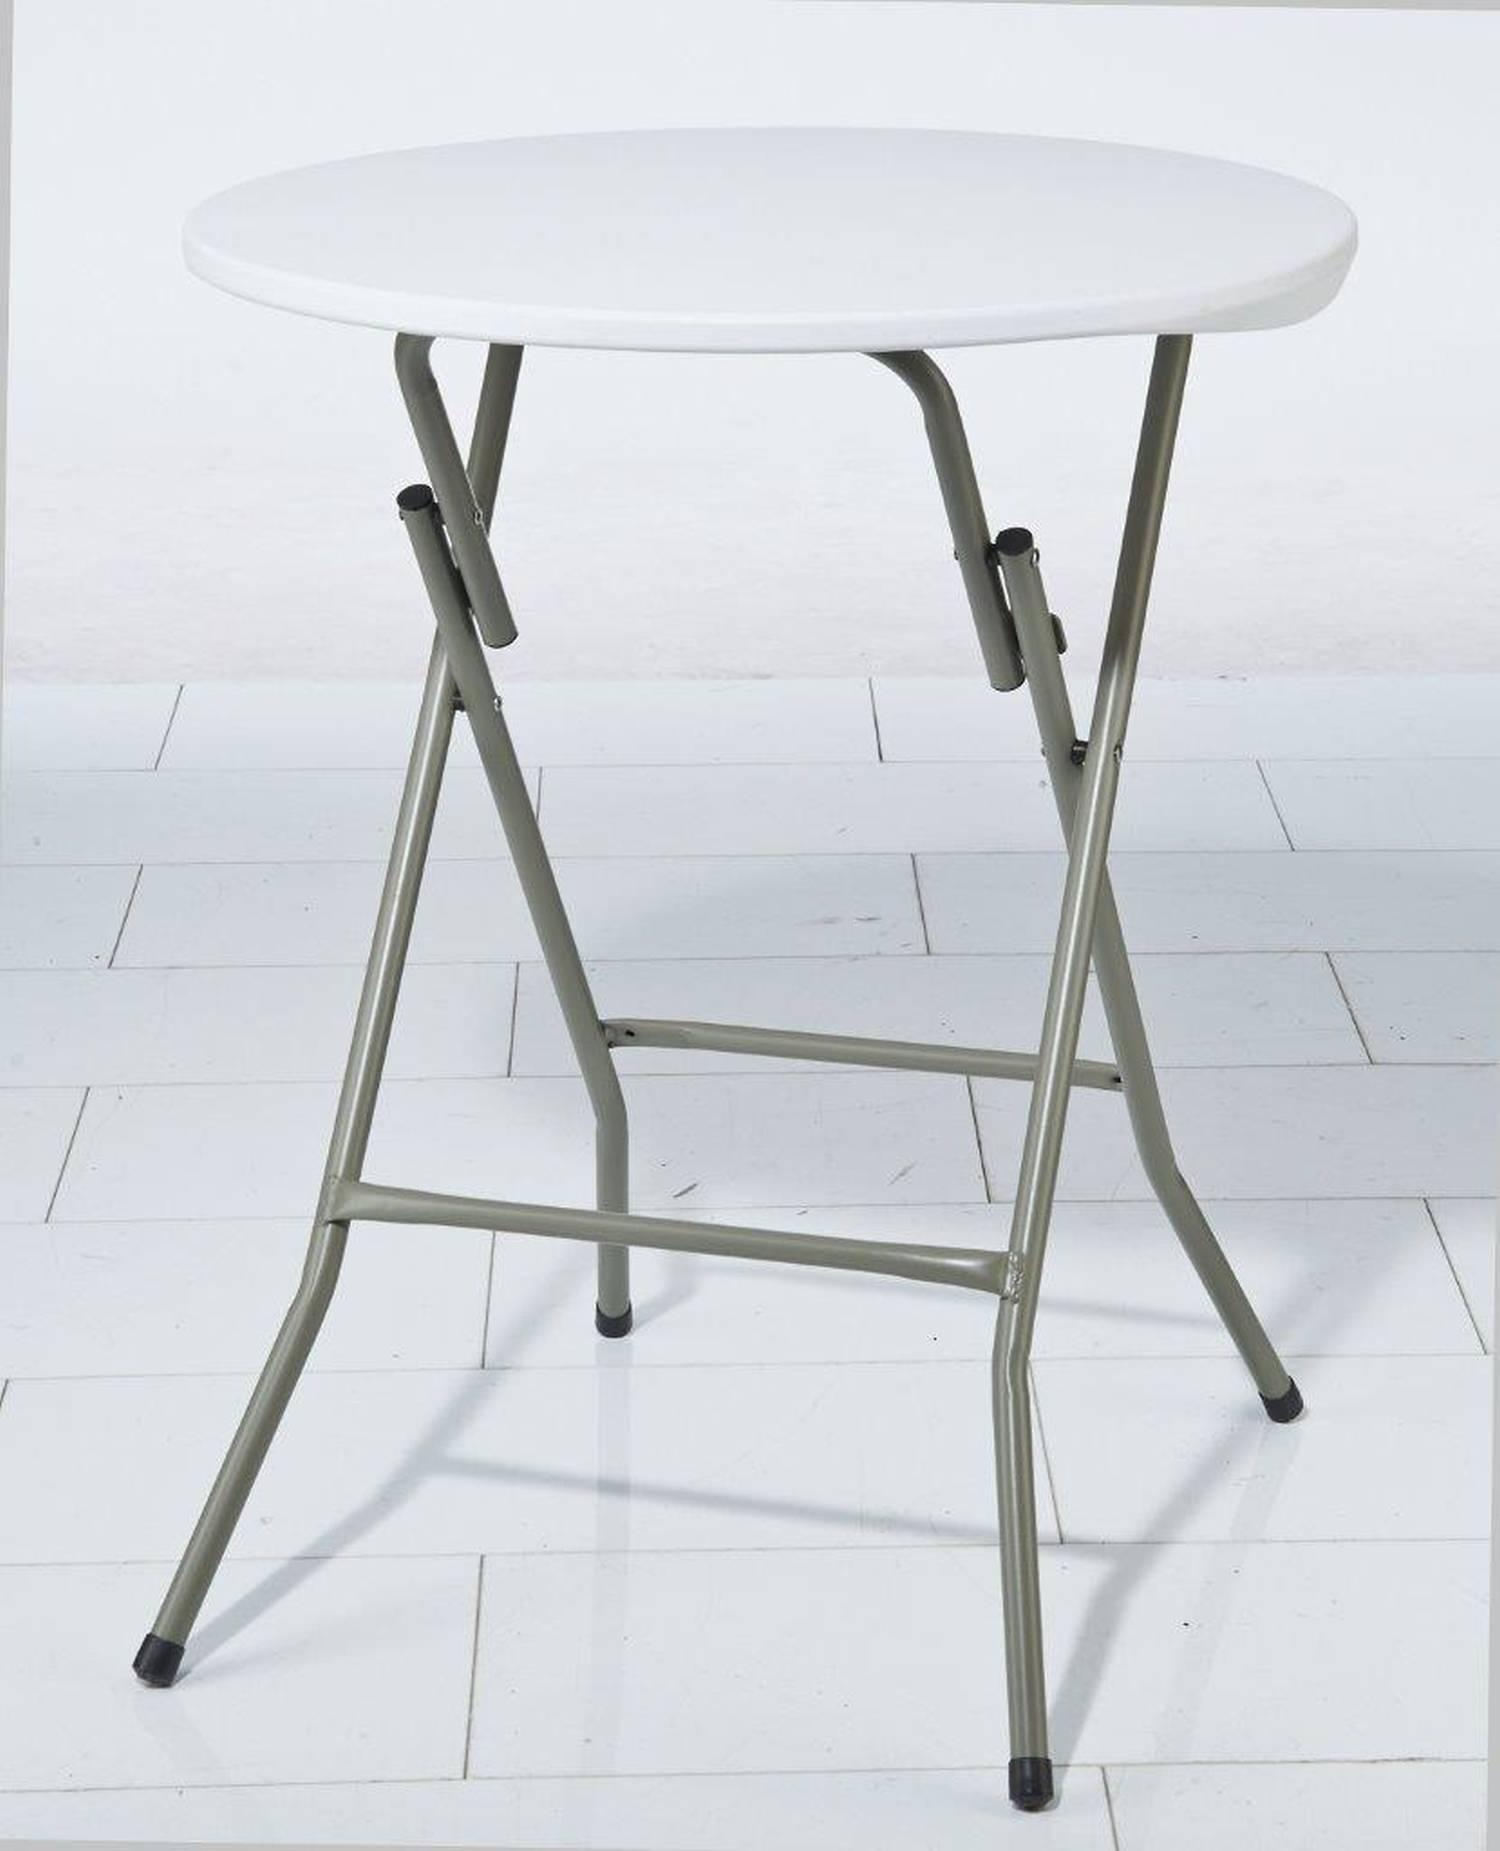 klapp tisch beistelltisch kunststoff 61cm rund weiss neu ebay. Black Bedroom Furniture Sets. Home Design Ideas